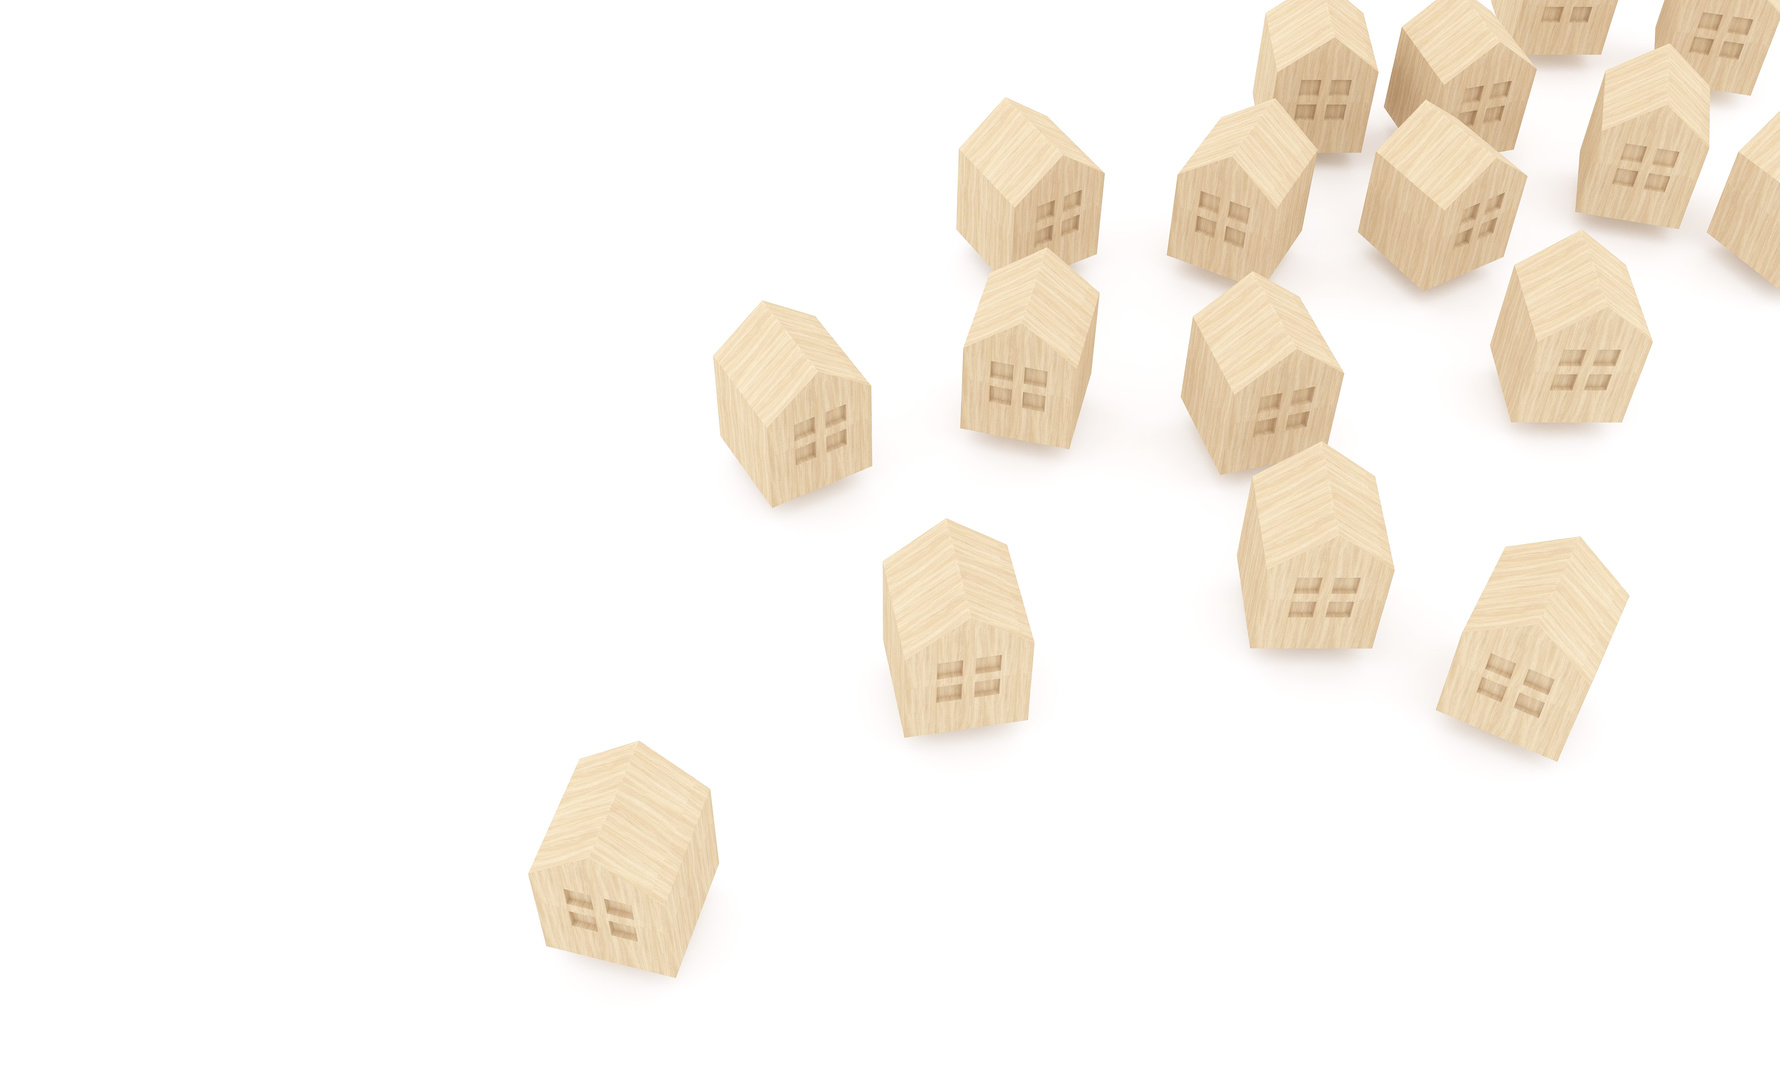 【ハウスメーカー一覧】代表的な9社の特徴・坪単価を比較! 【ハウスメーカー一覧】代表的な9社の特徴・坪単価を比較!